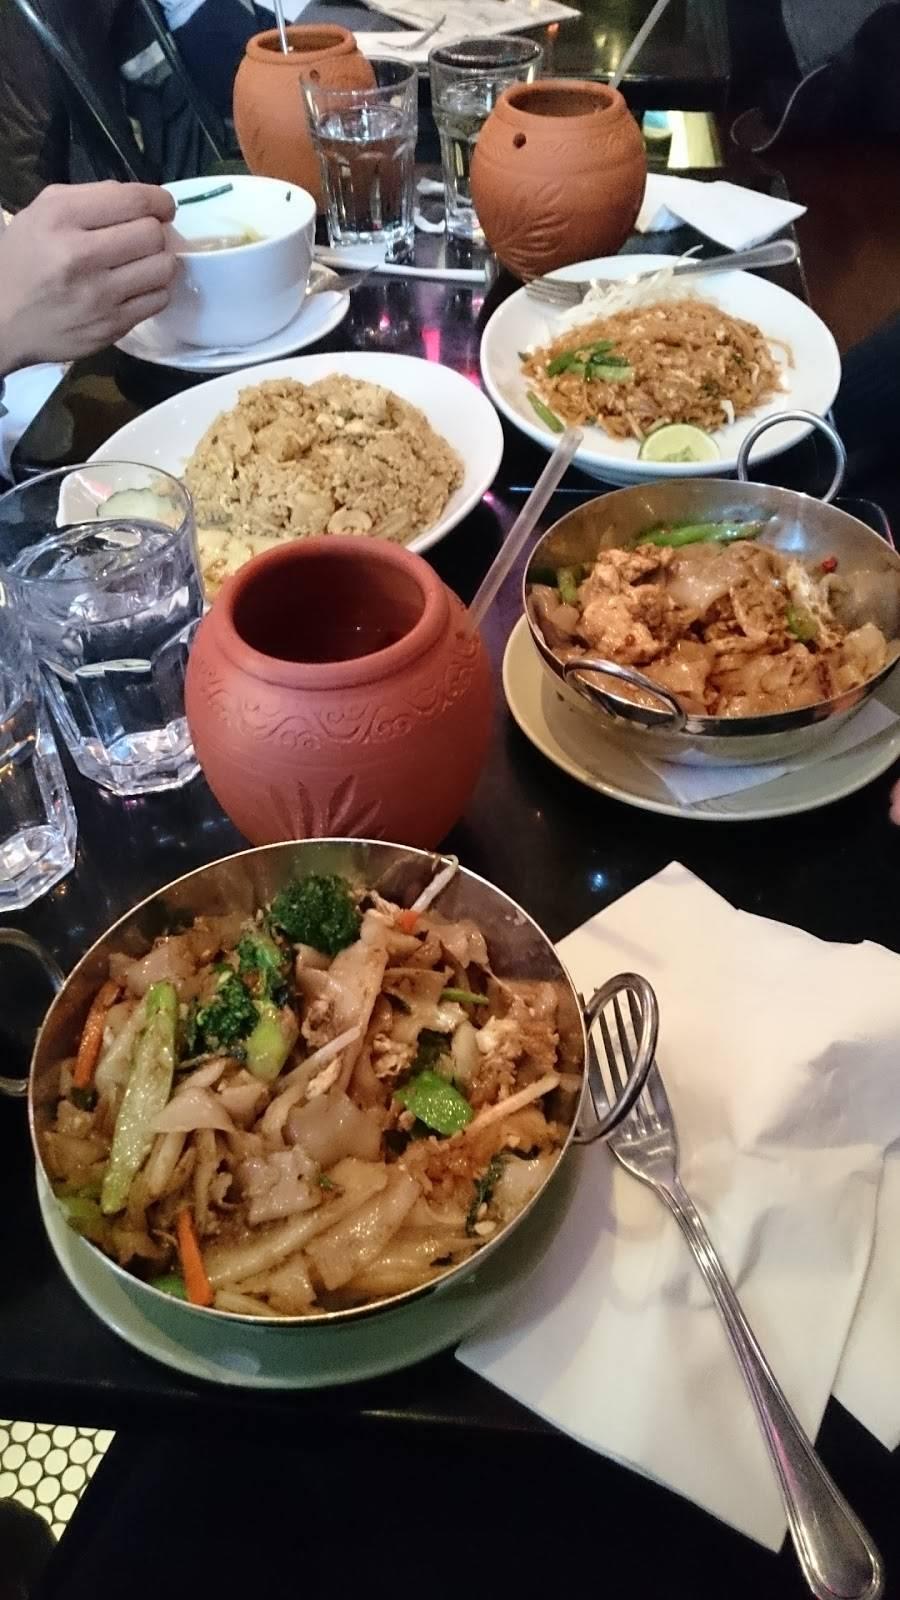 SU KHUM VIT | restaurant | 224 E 51st St, New York, NY 10022, USA | 6469636152 OR +1 646-963-6152